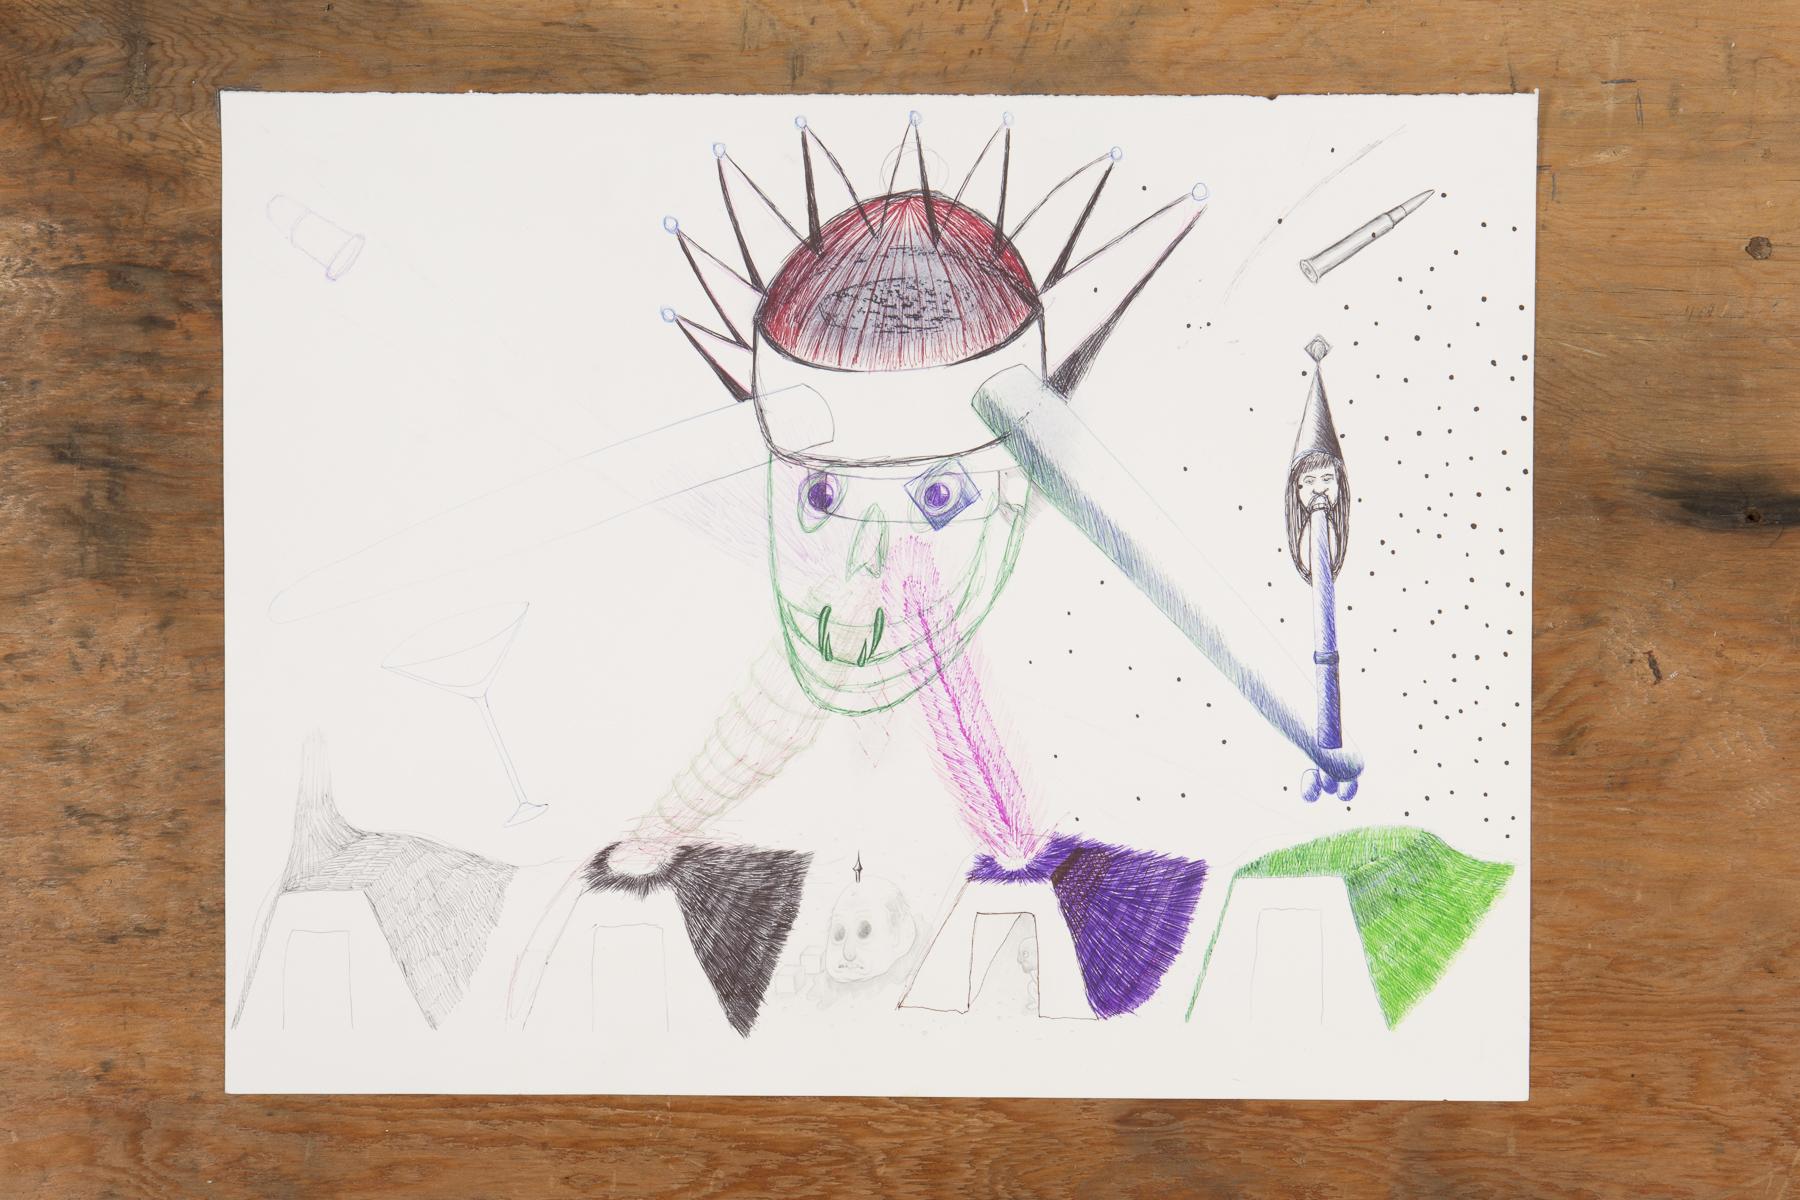 Paintallica_Drawings_045.jpg